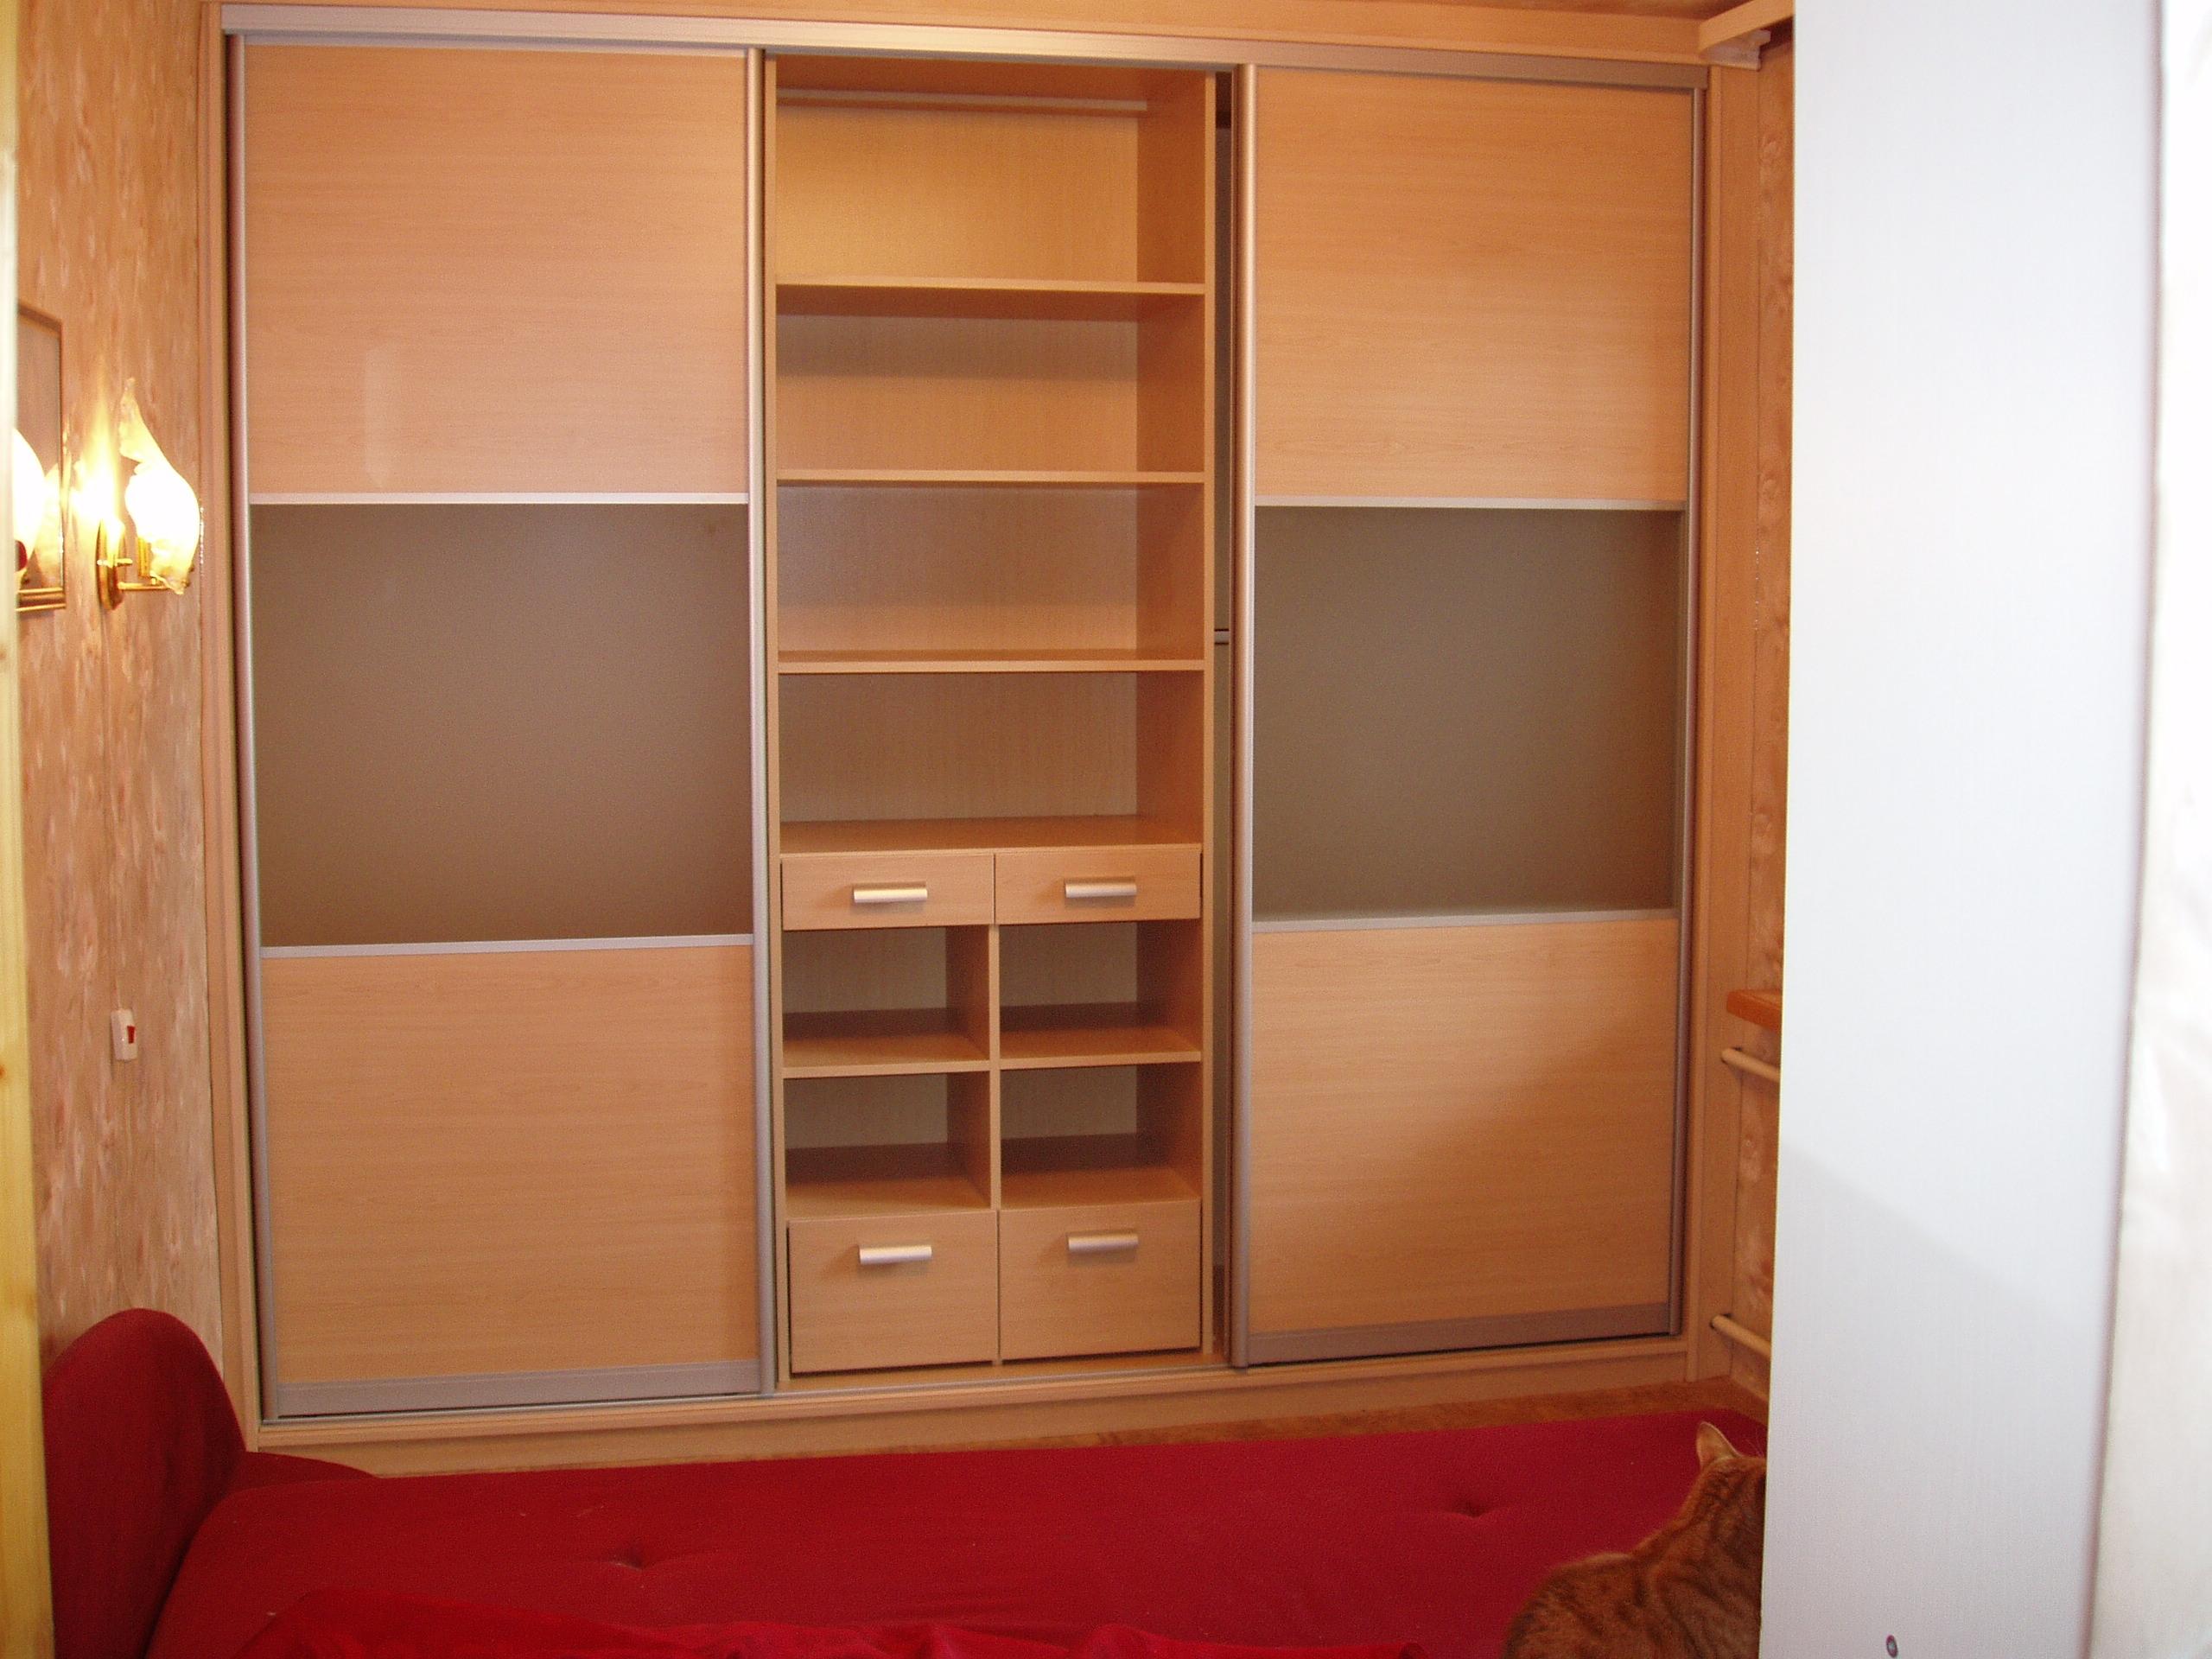 Раздвижной шкаф купе на заказ. недорогой шкаф каталог и цена.